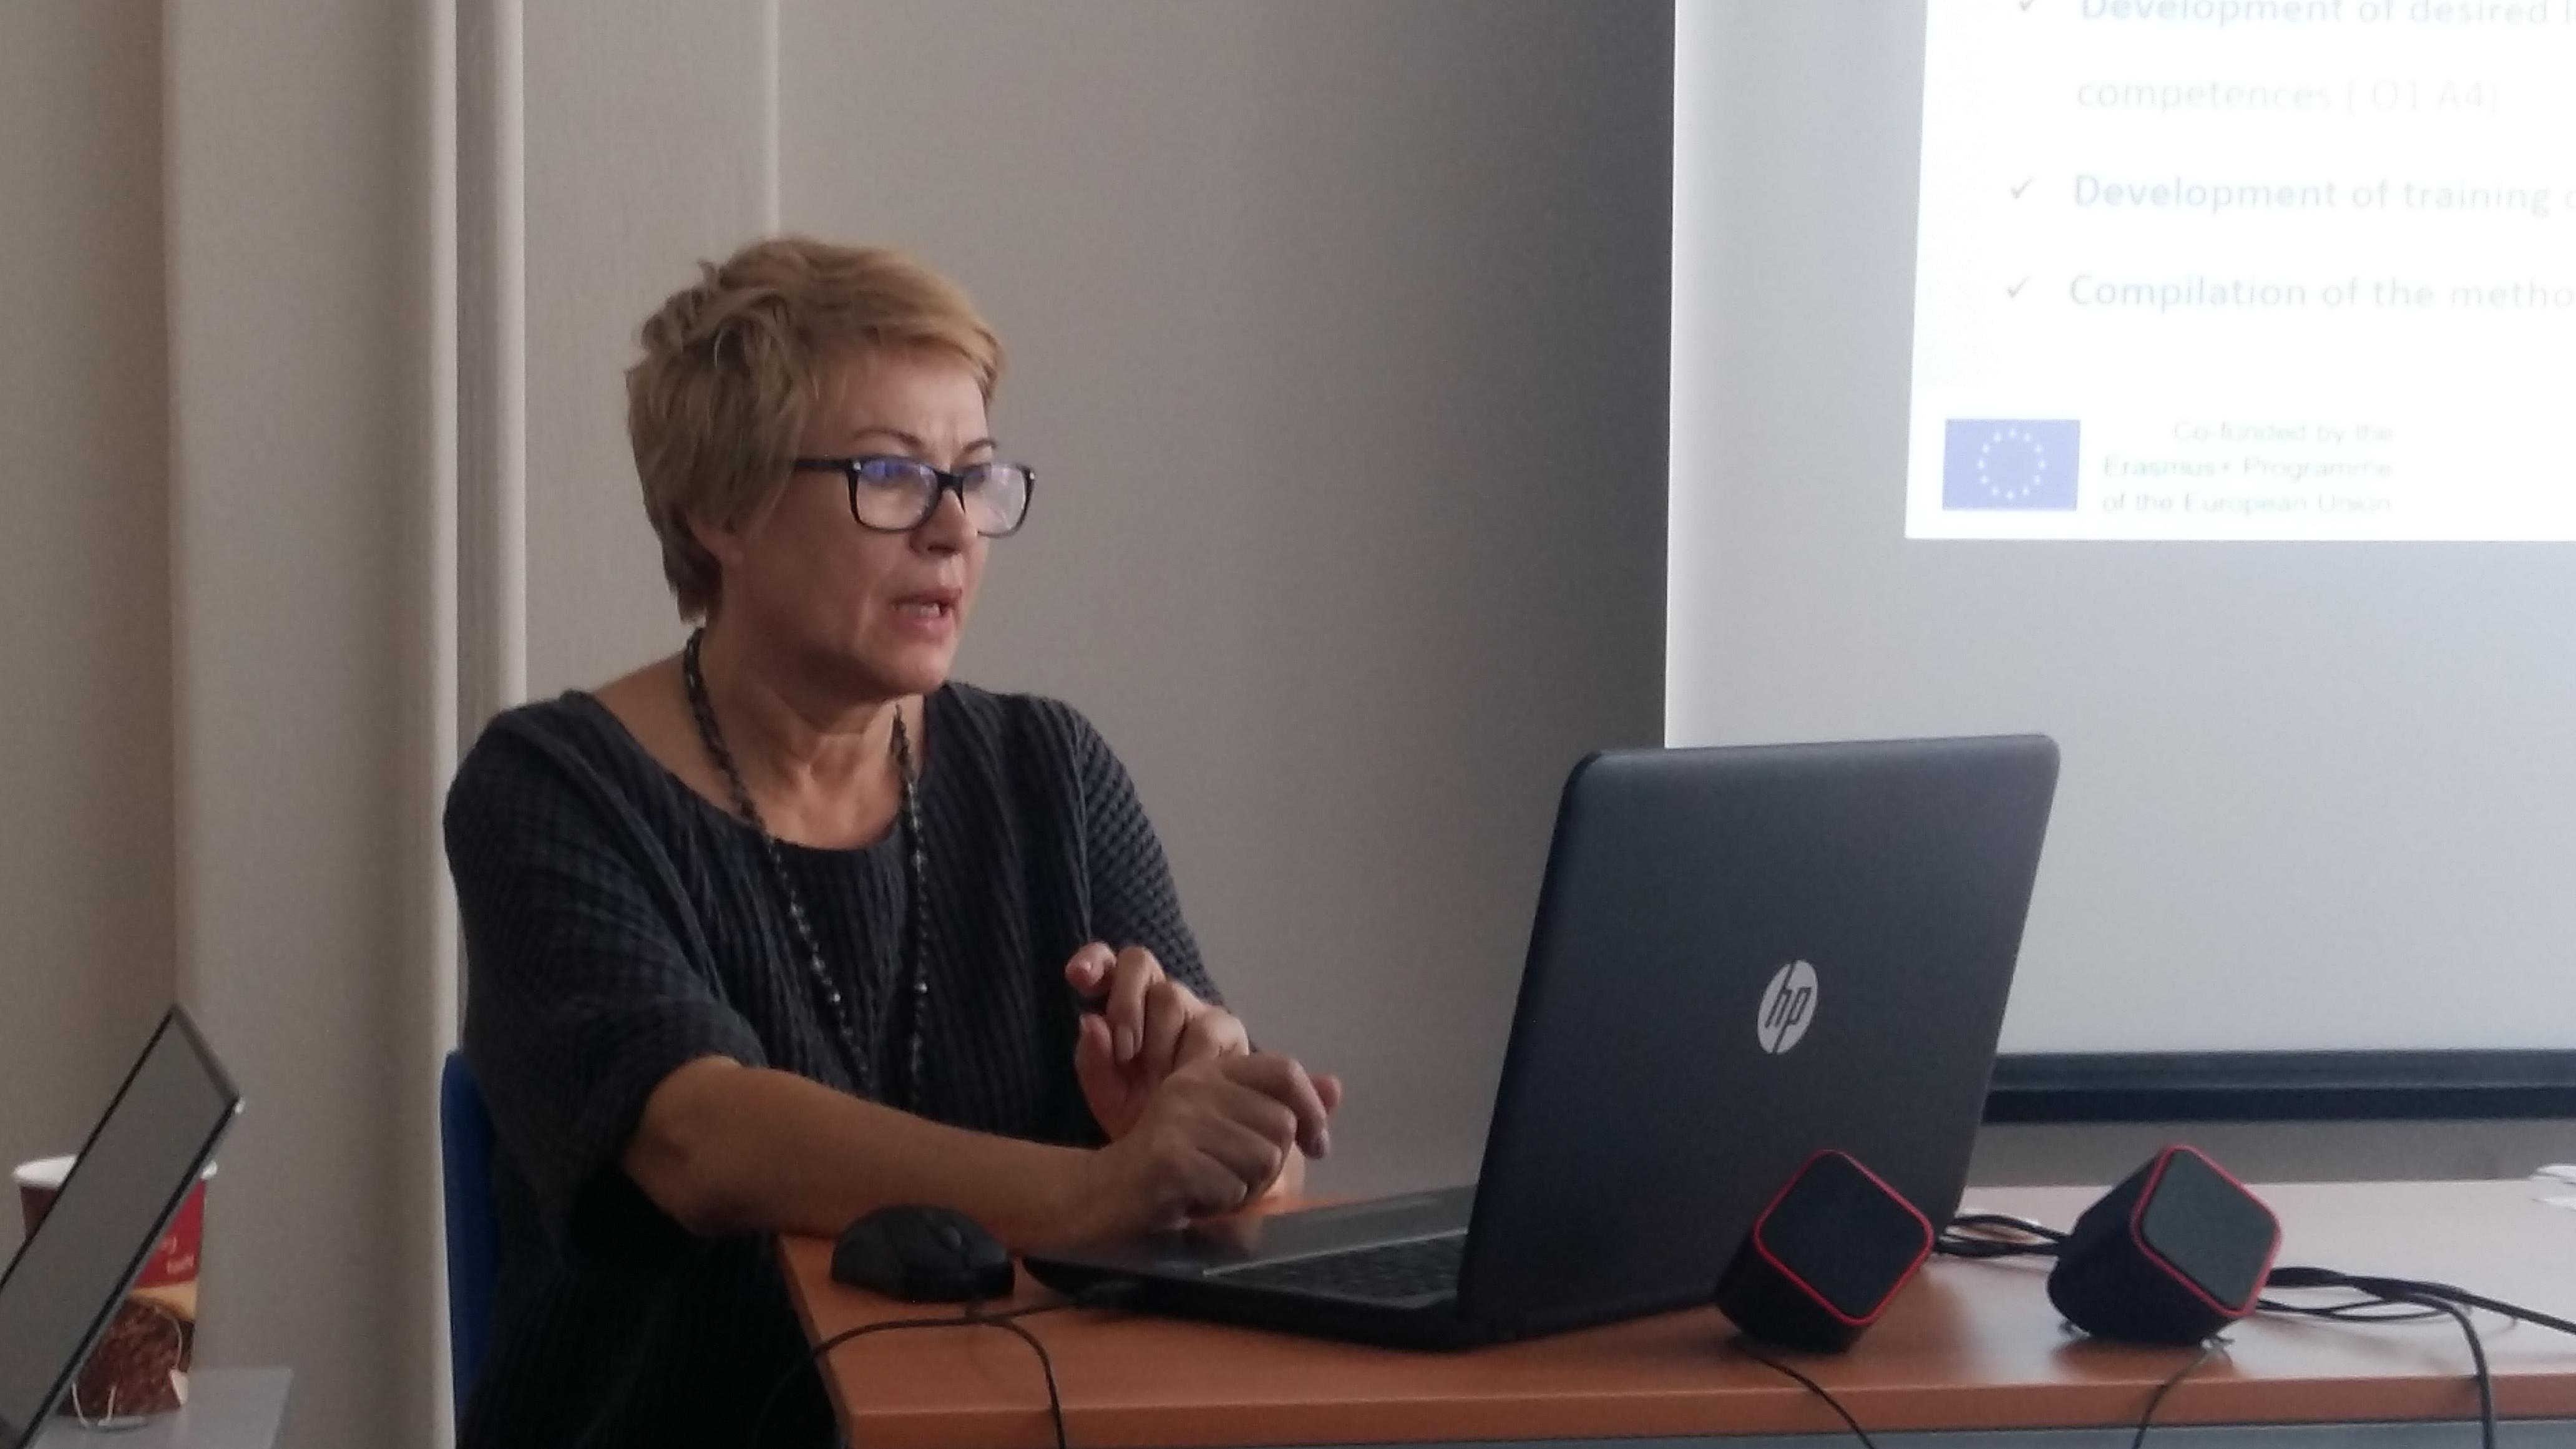 Senior Meeting Seniors Online